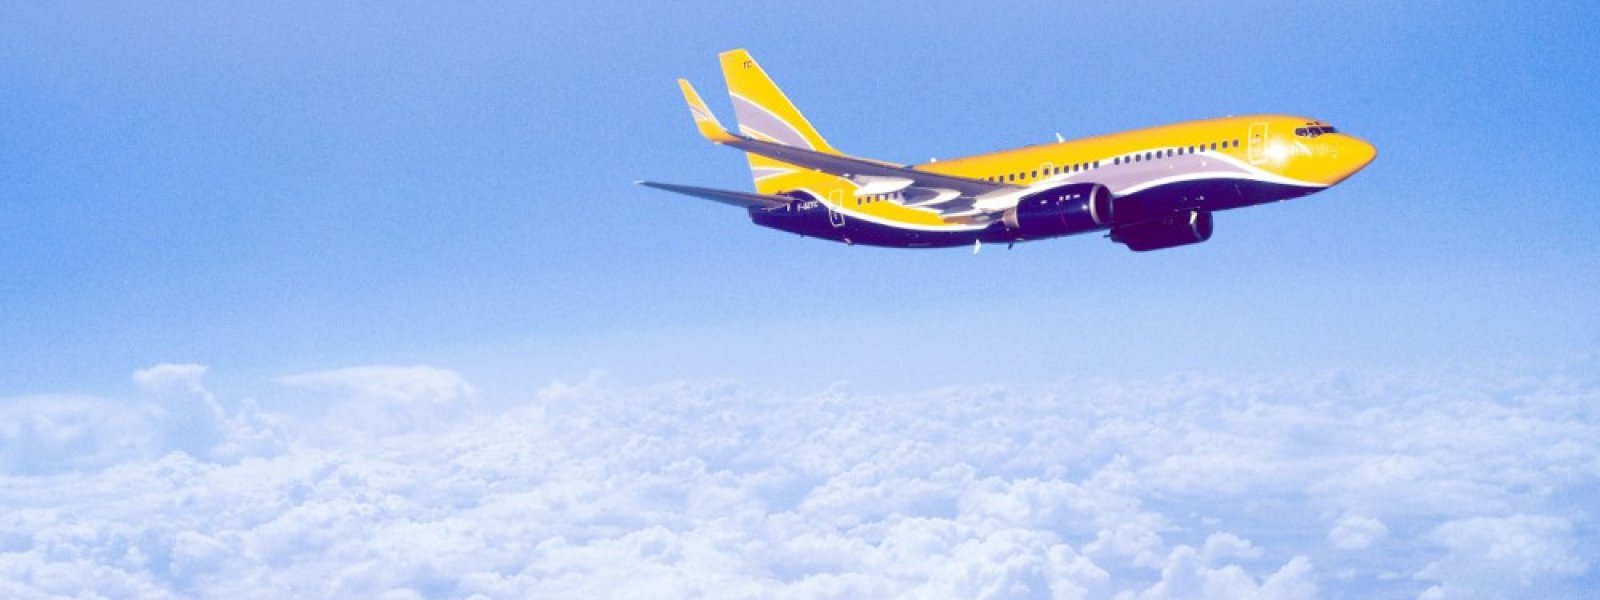 Ylelliset kiertomatkat lentäen yksityisjetillä